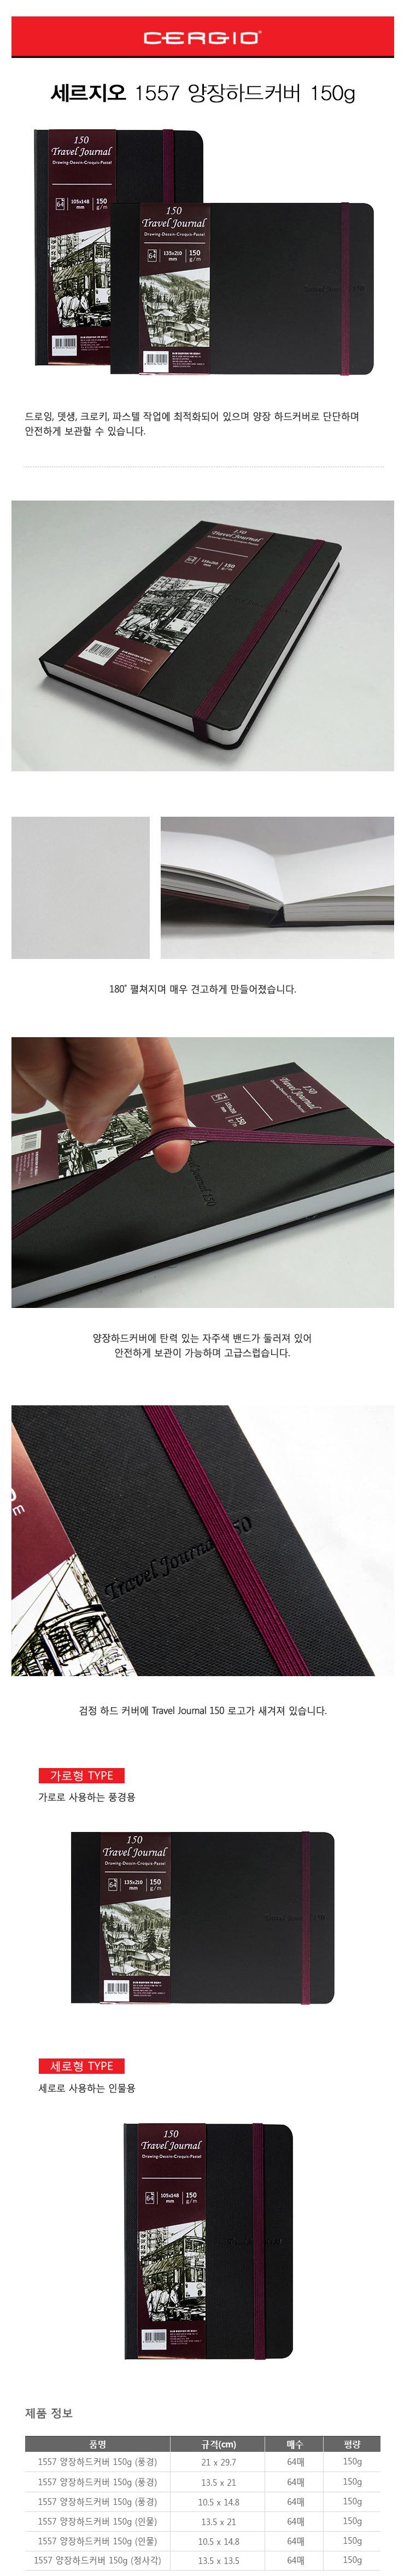 세르지오 트래블북 저널 150g  가로형(풍경형)135x210 - 우리아트, 14,020원, 화방지류, 드로잉북